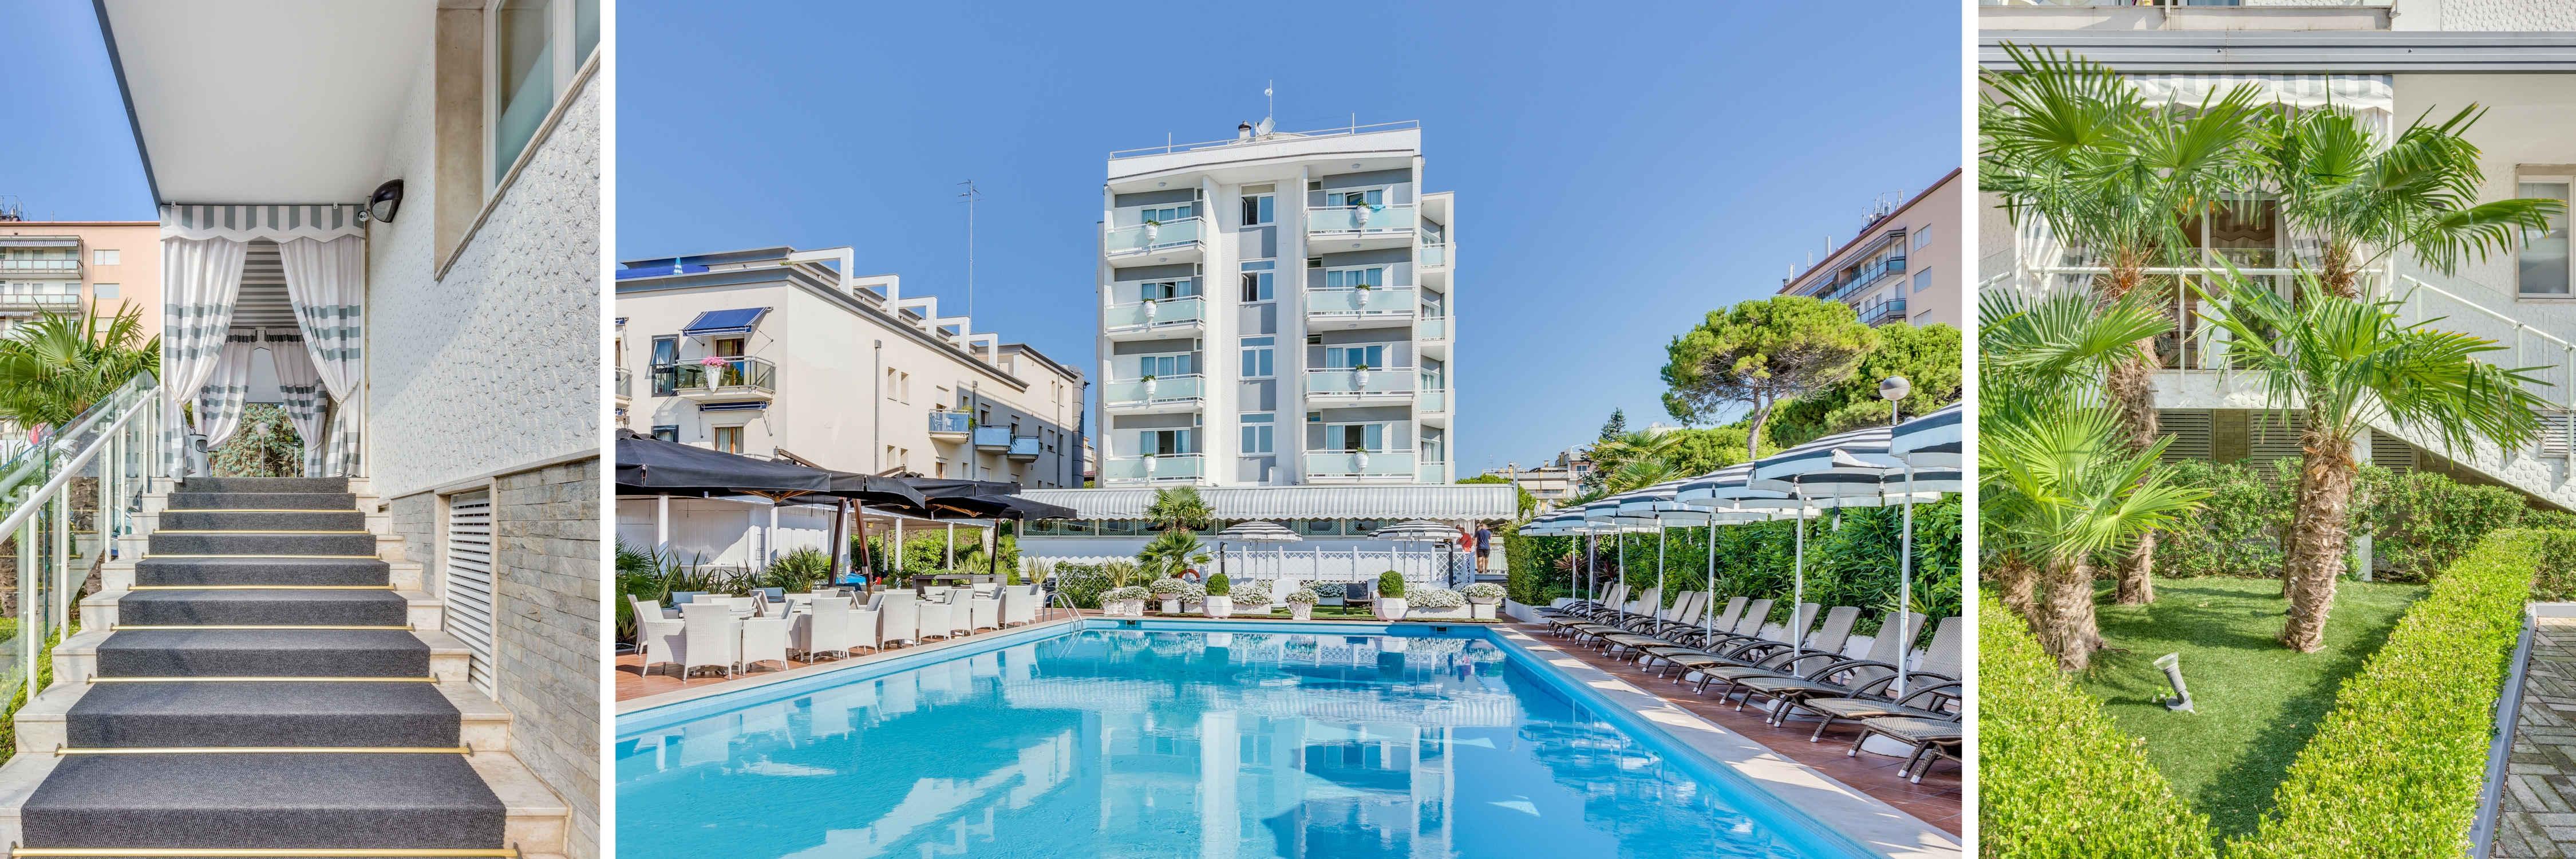 Hotel 3 stelle Jesolo Fronte Mare Delle Rose